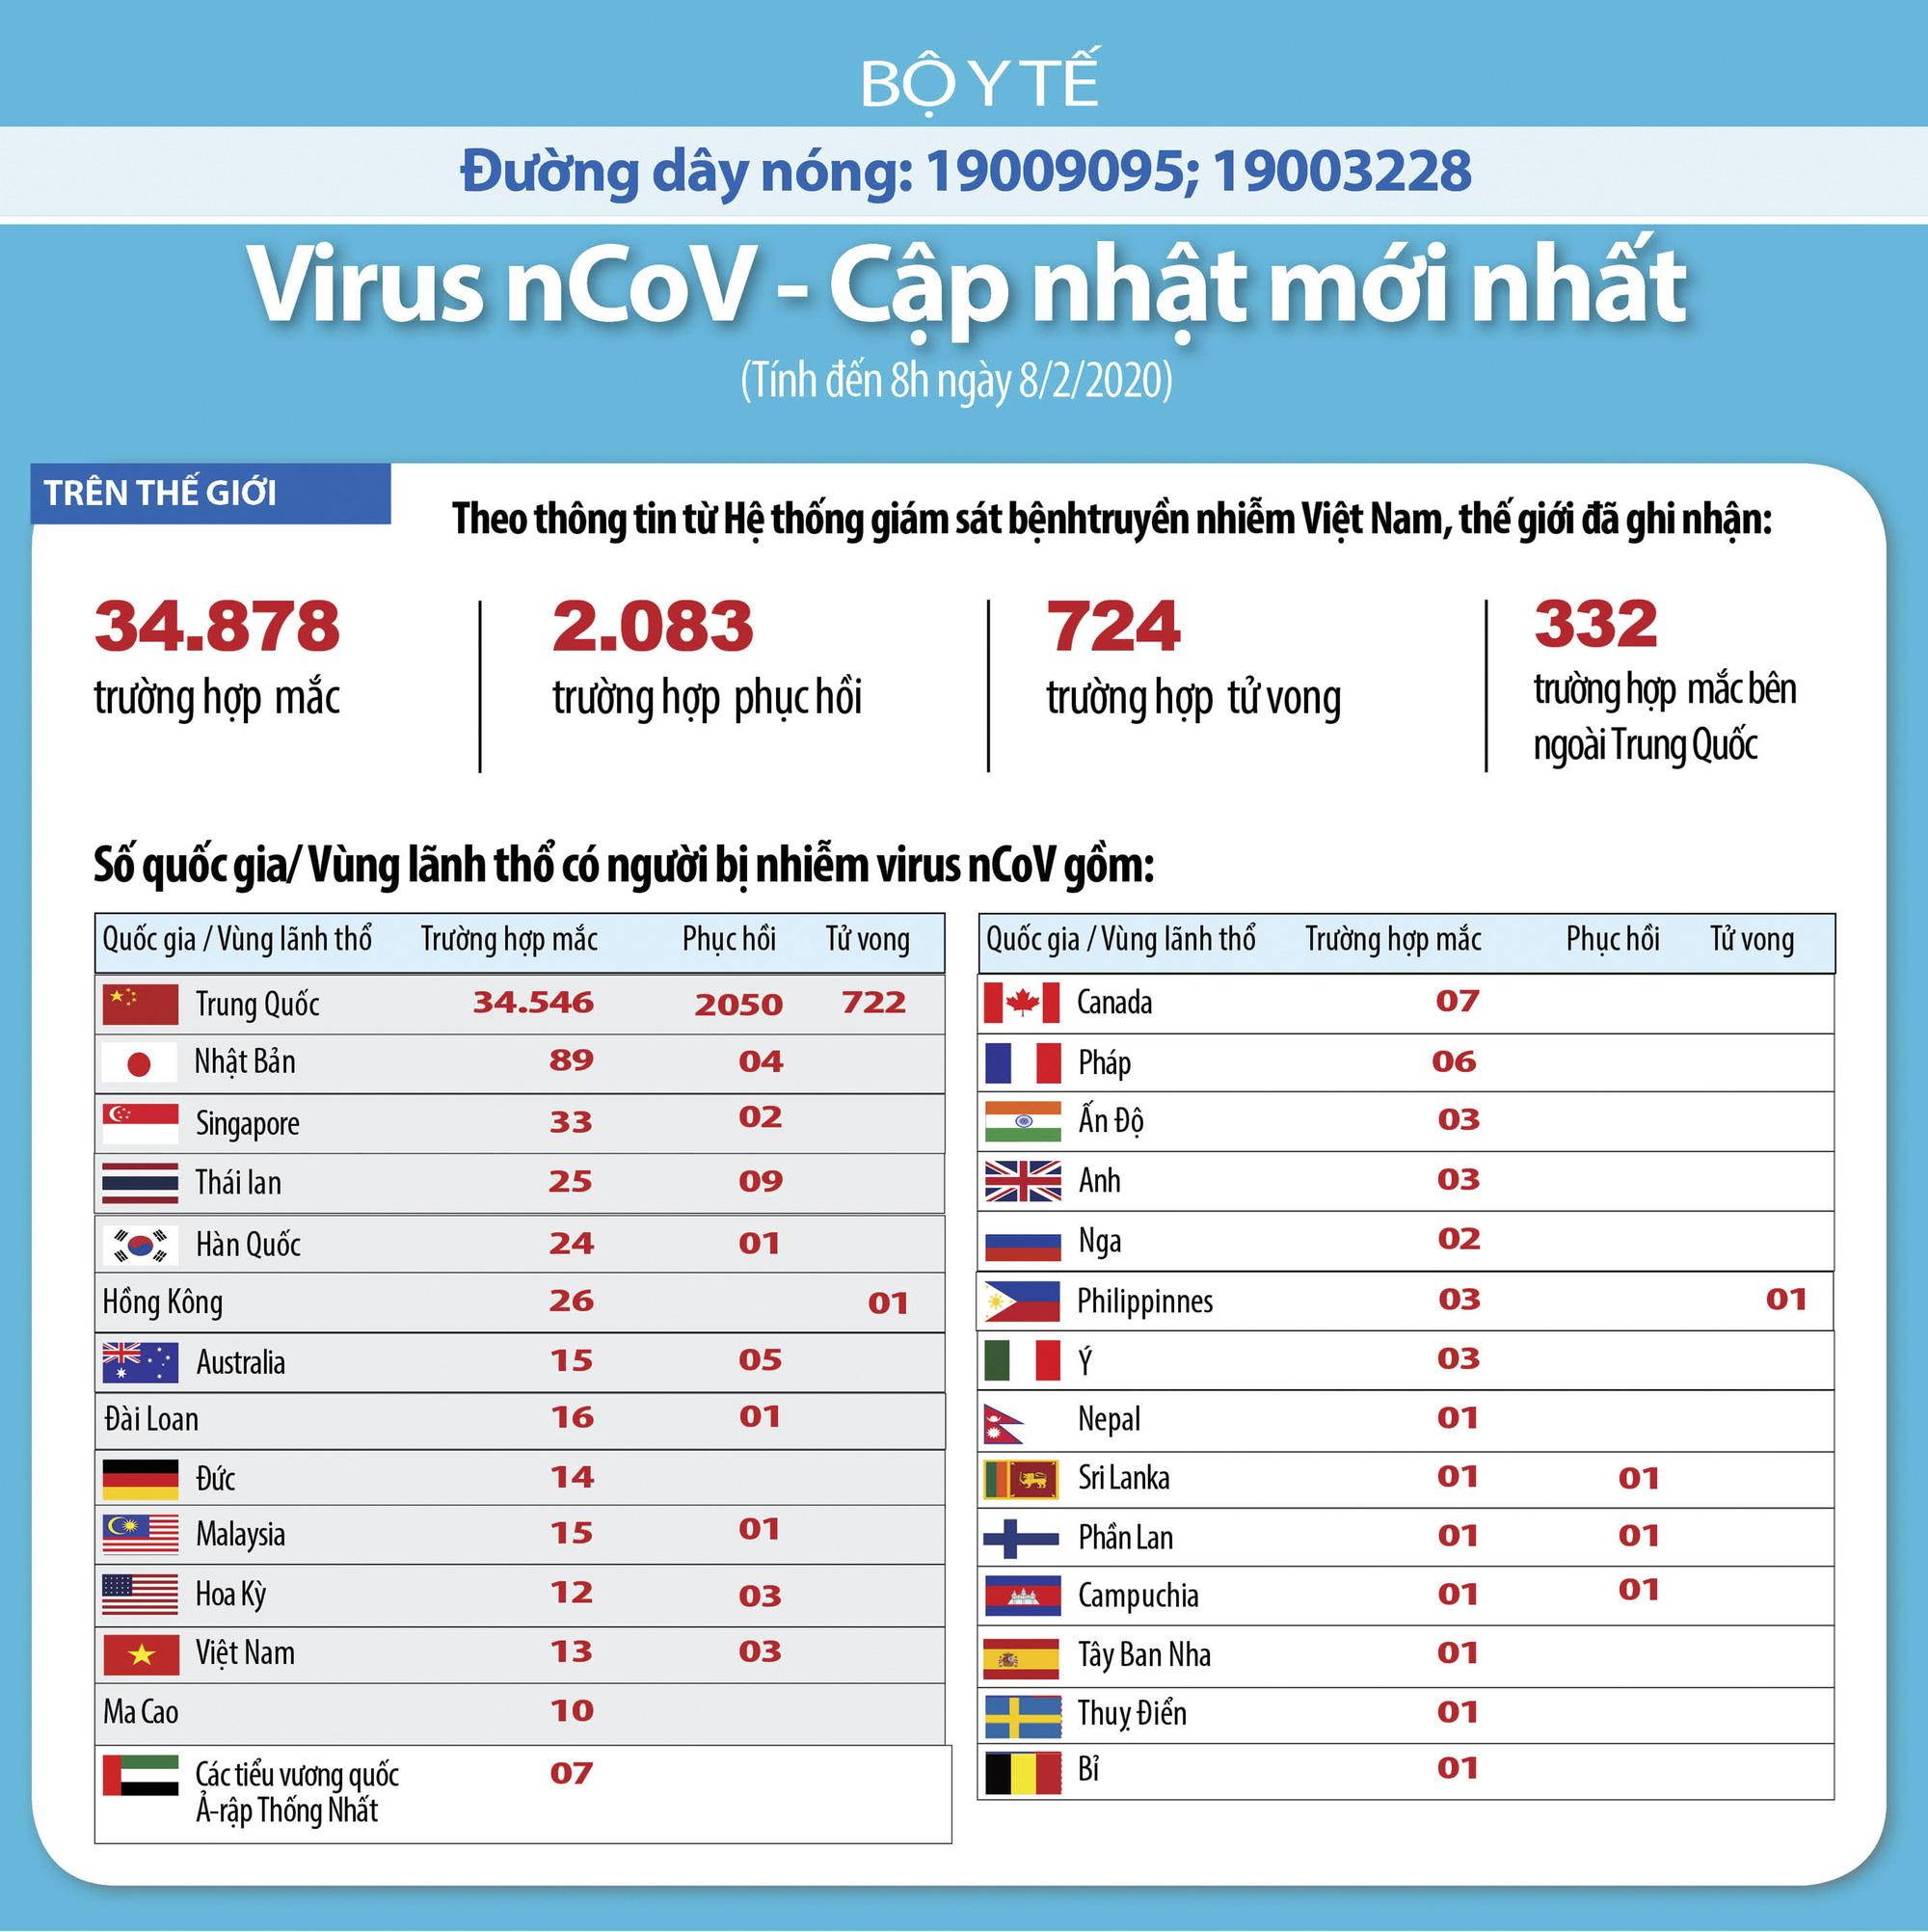 Cập nhật tình hình dịch virus corona ngày 8/2: Bệnh nhân thứ 13 tại Việt Nam khỏe mạnh, không sốt ho vẫn dương tính, Trung Quốc số người tử vong tăng mạnh - Ảnh 2.